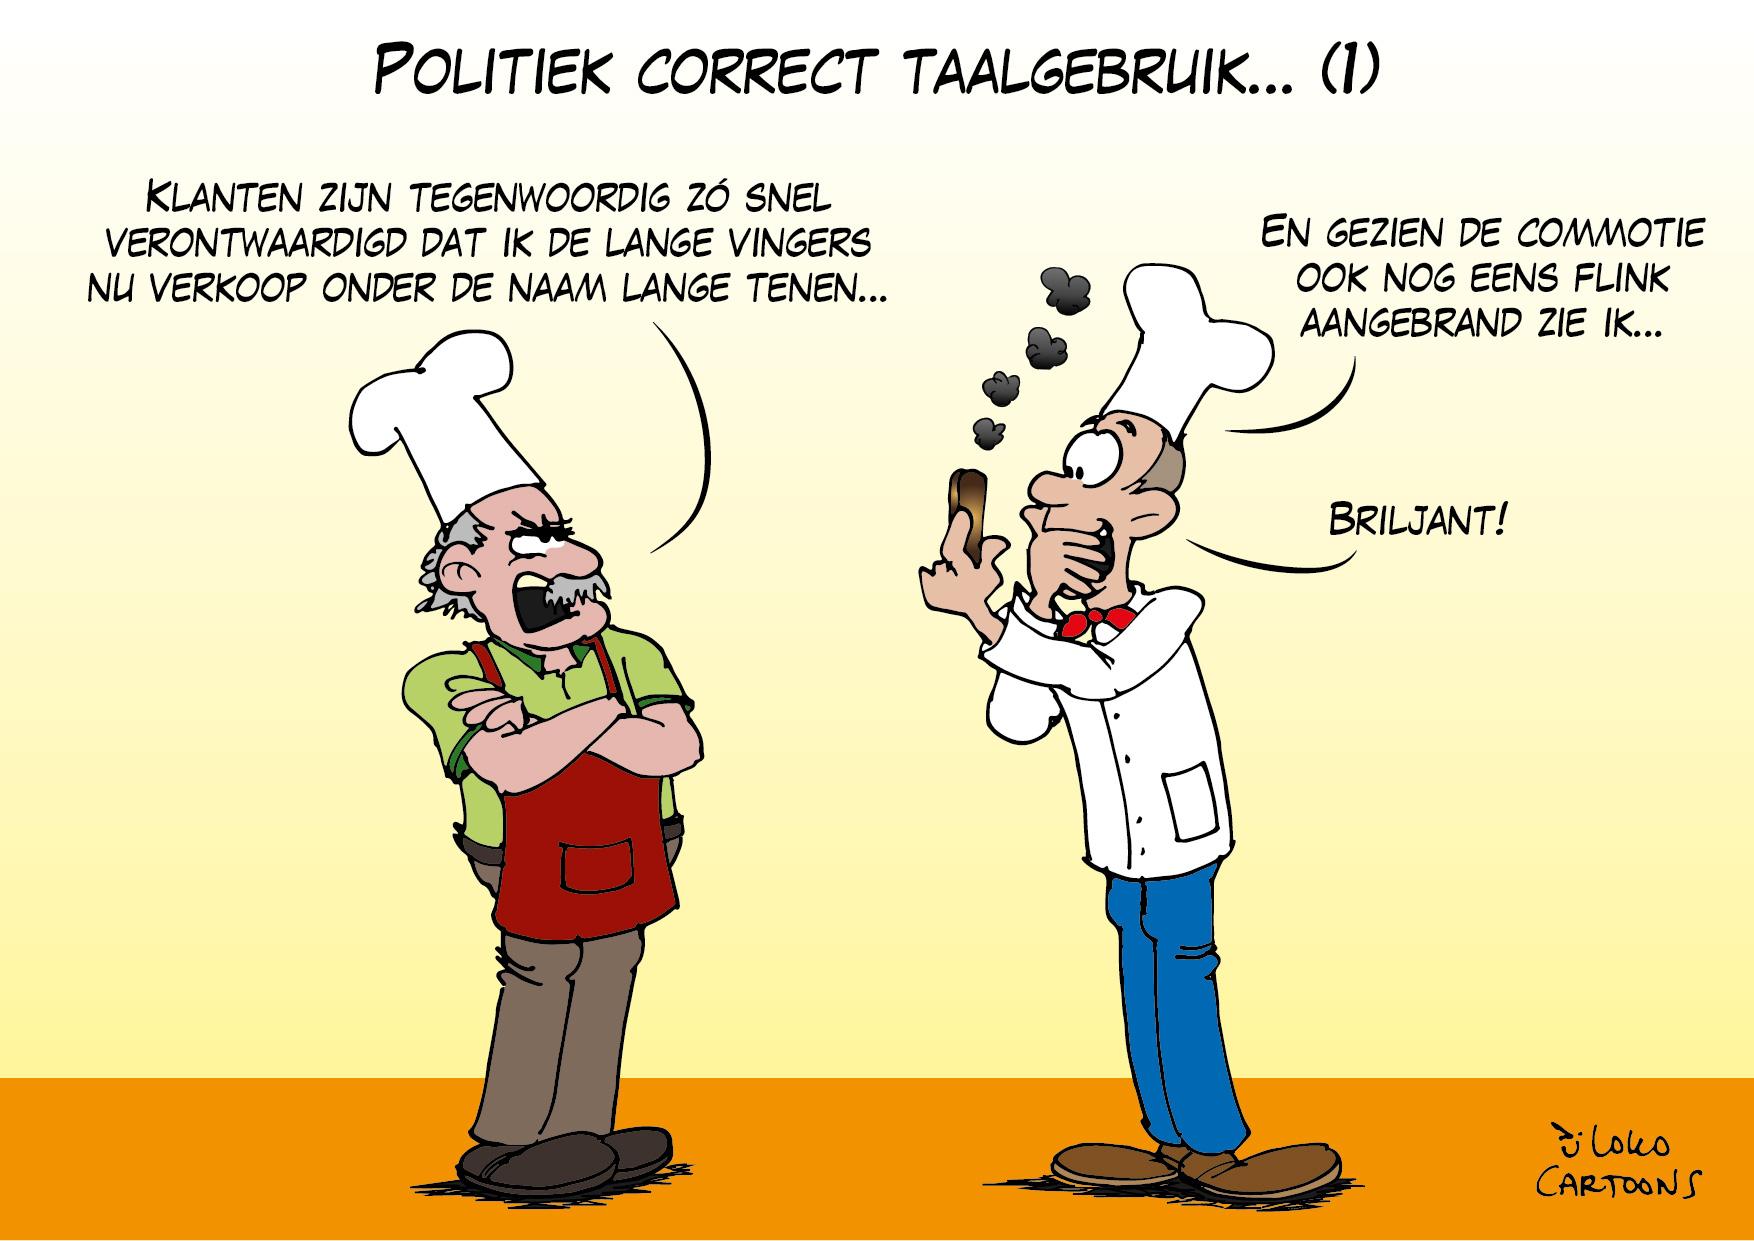 Politiek correct taalgebruik (1)…